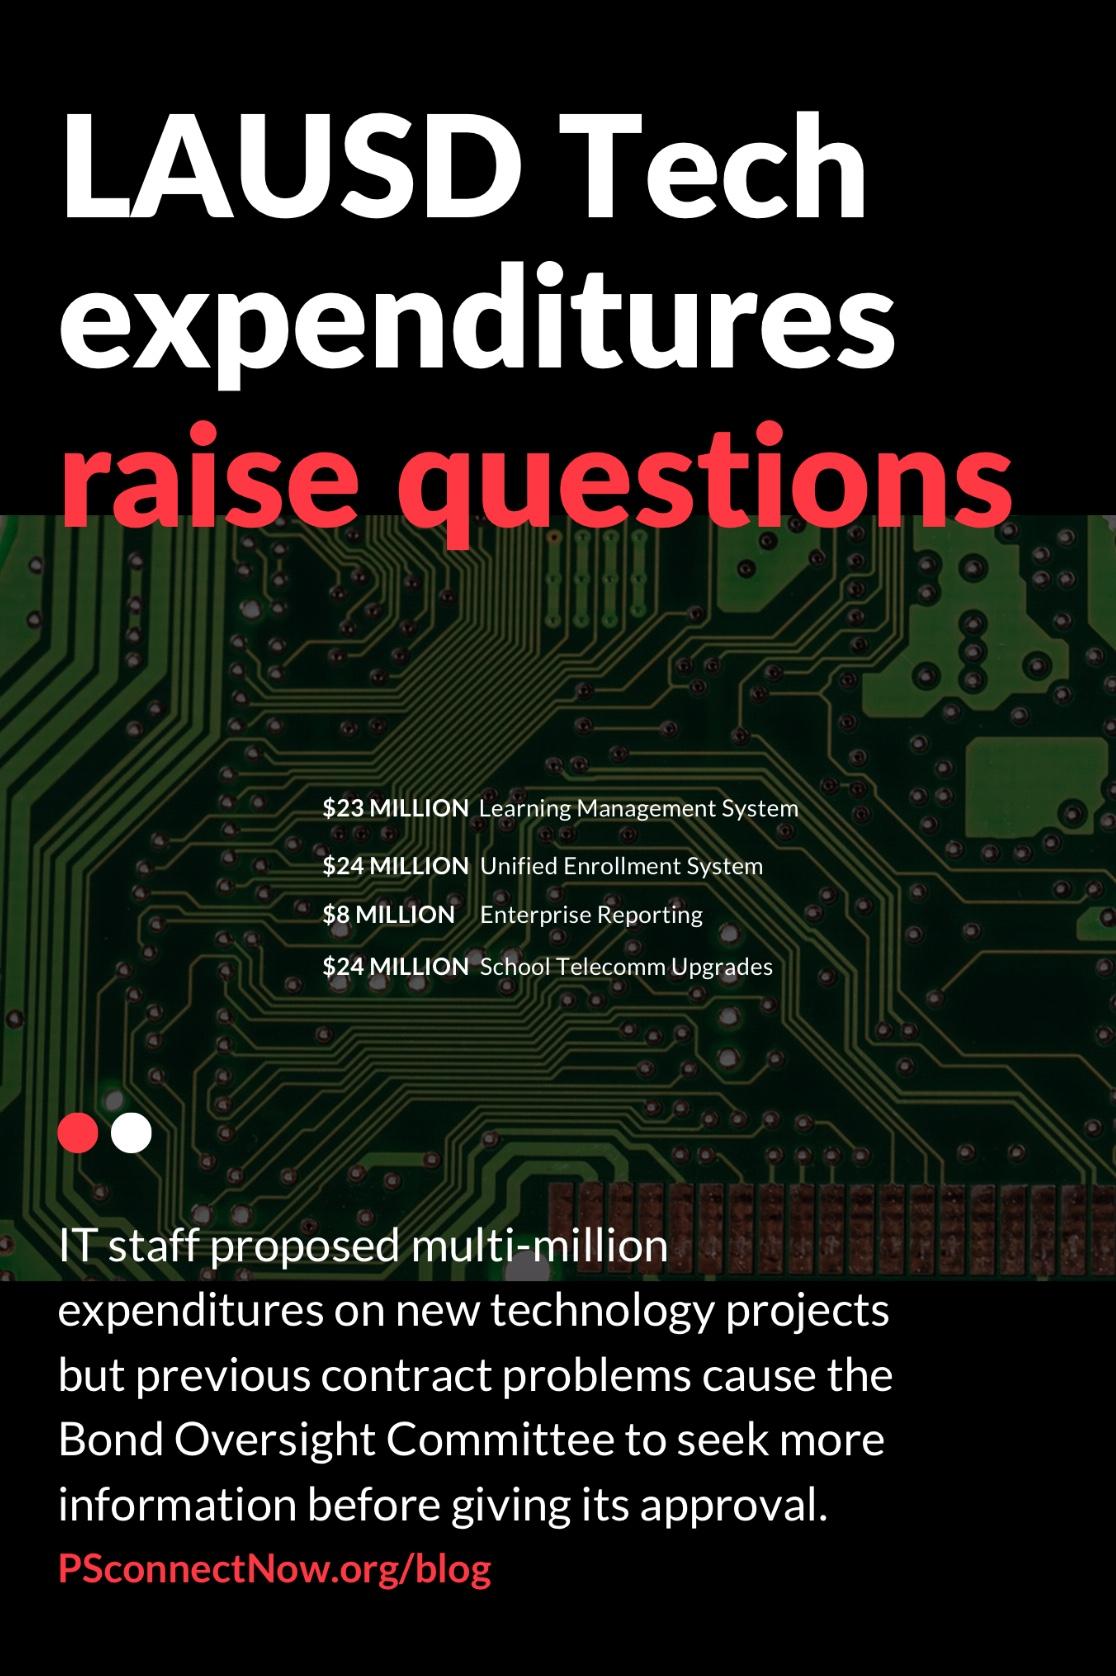 LAUSD Tech expenditures raise questions